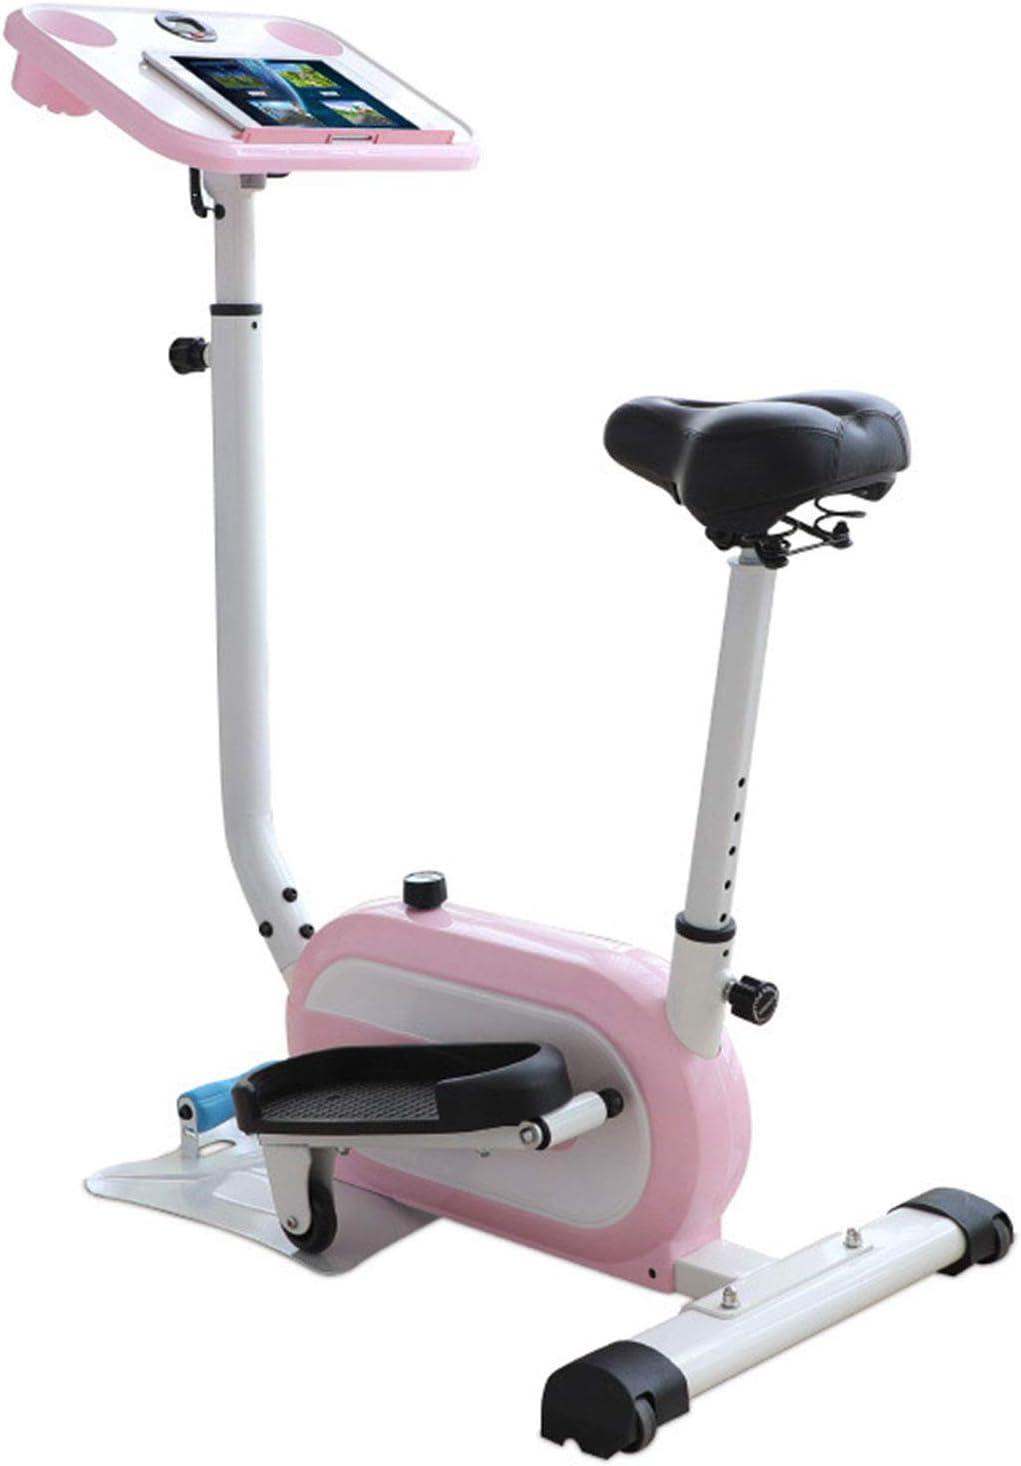 AORISSE Bicicleta Elíptica, Máquina Elíptica Elíptica De Control Magnético Pequeño para Interiores, Equipo De Ejercicios Ajustable para El Hogar con Pantalla LED, Ajuste del Ángulo del Panel 0-90 °